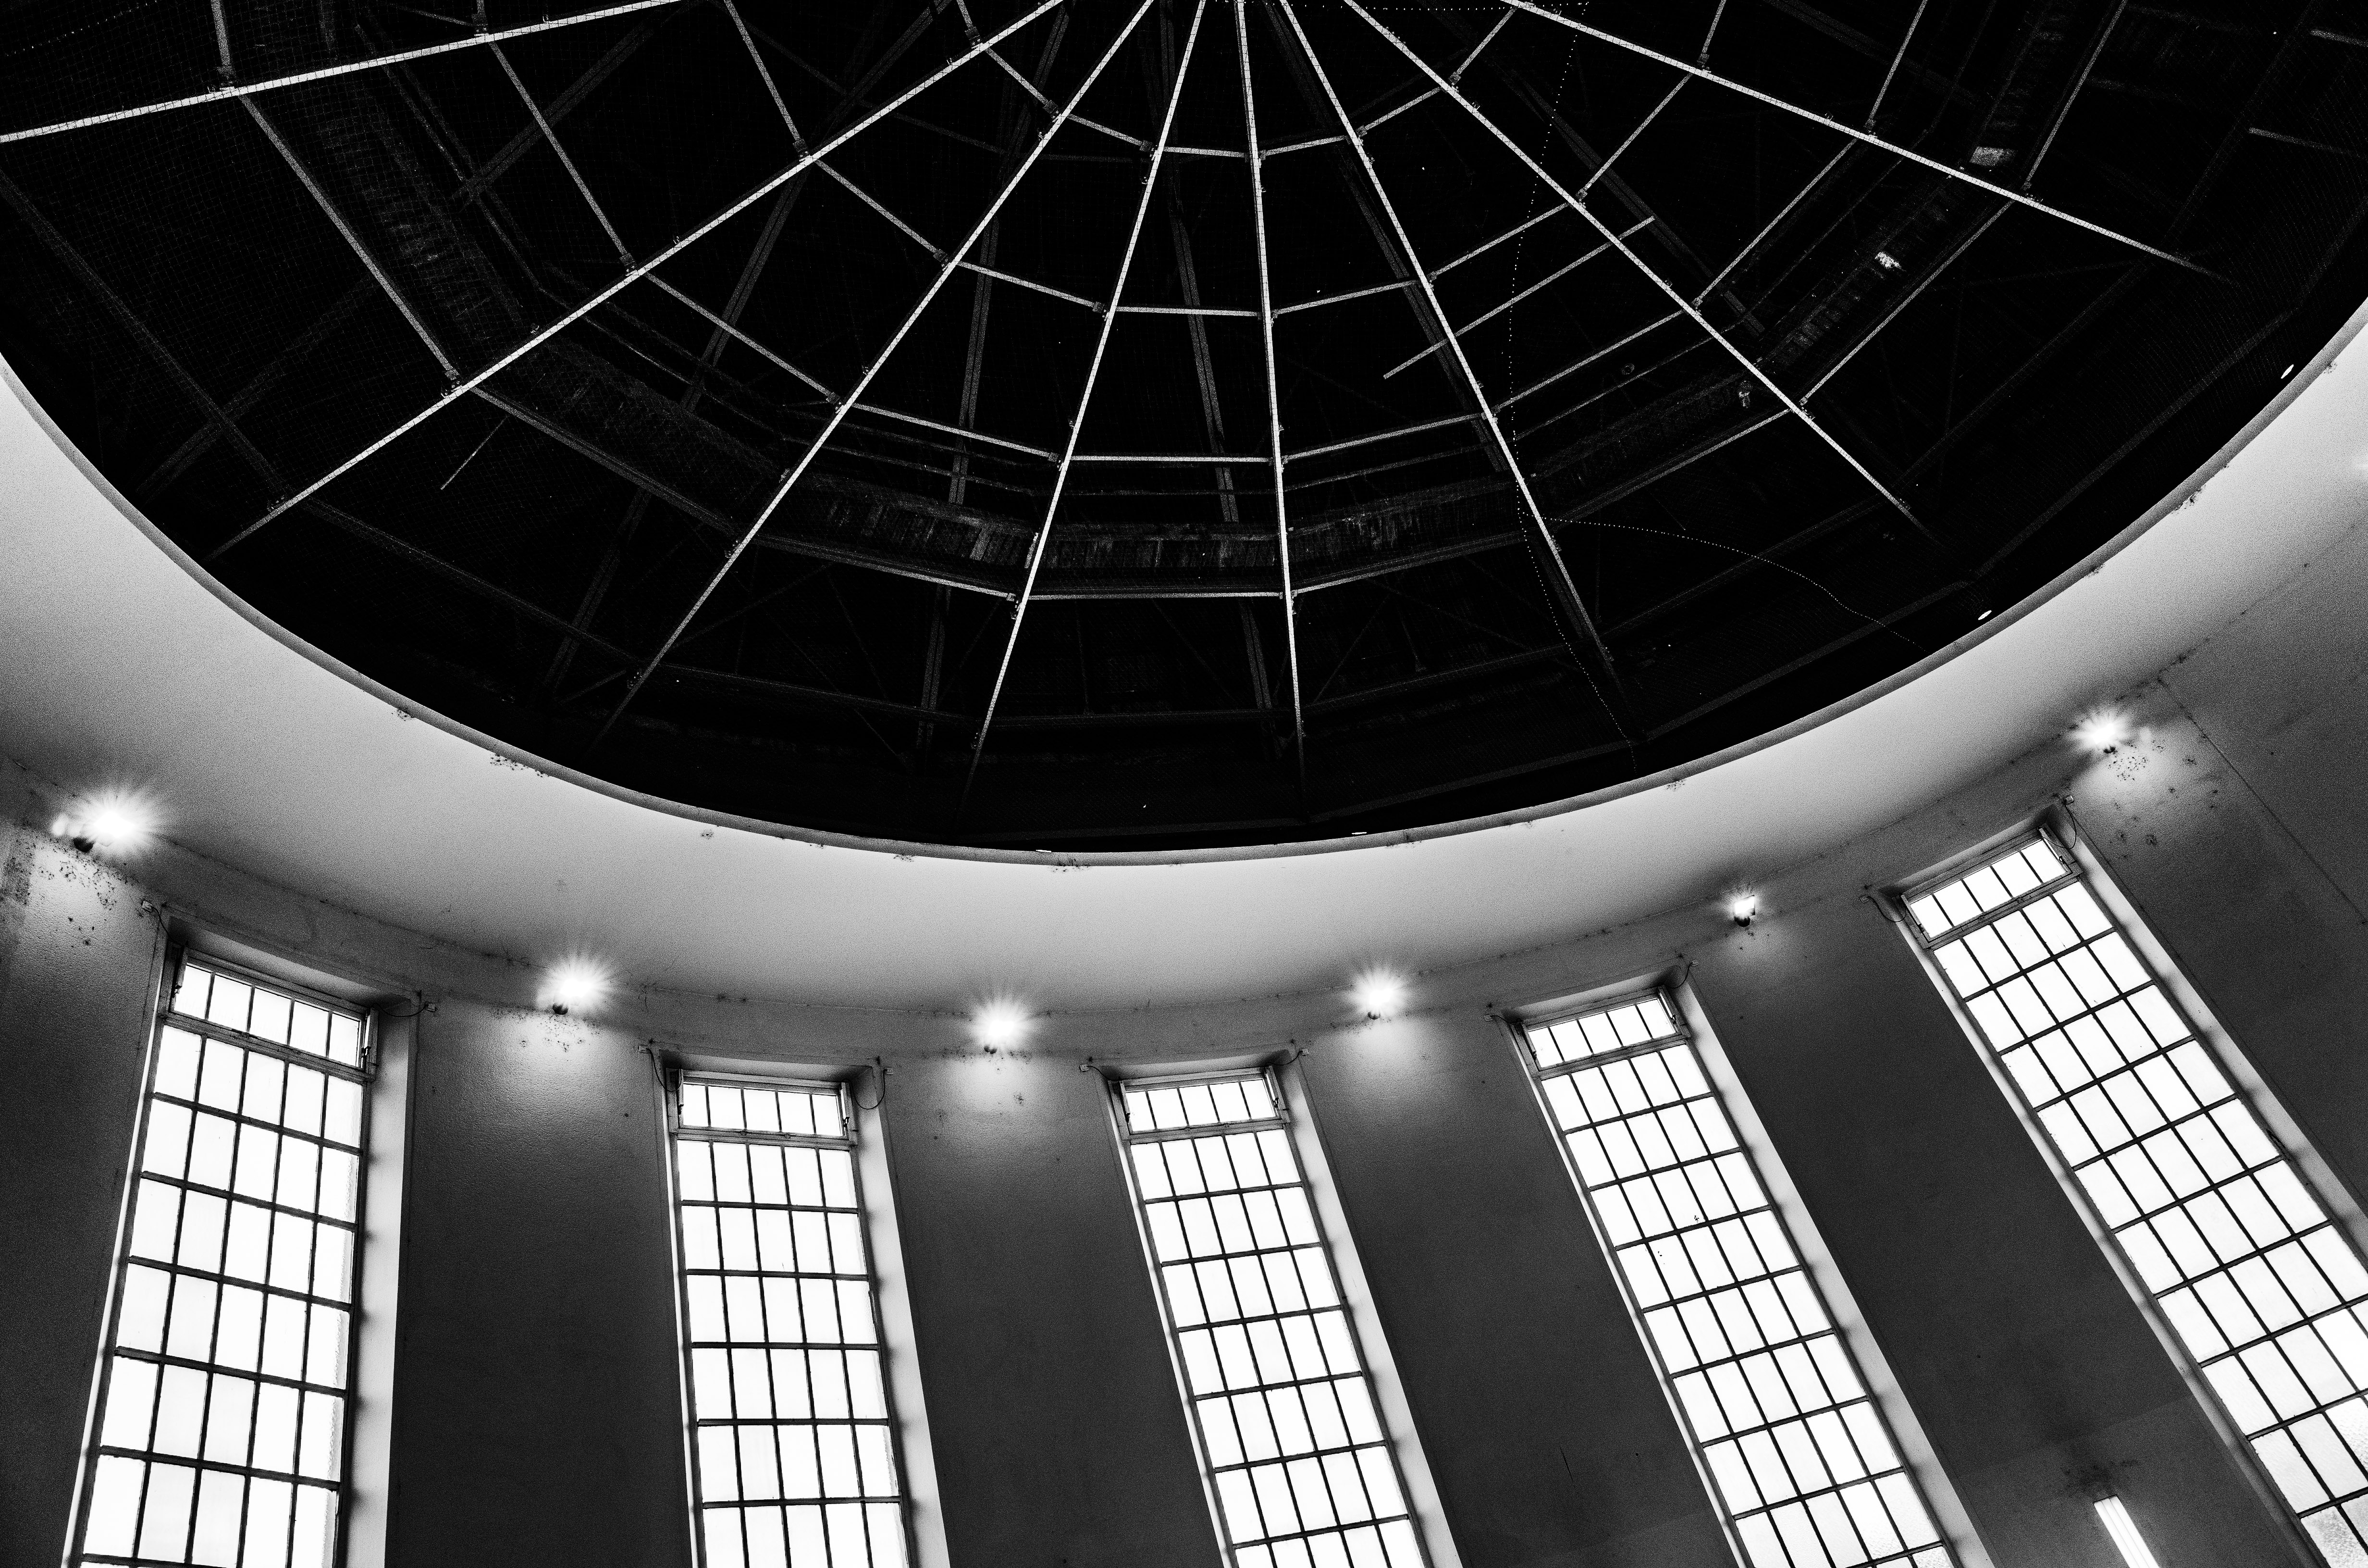 Ricoh GR - Bildbeispiele Architektur